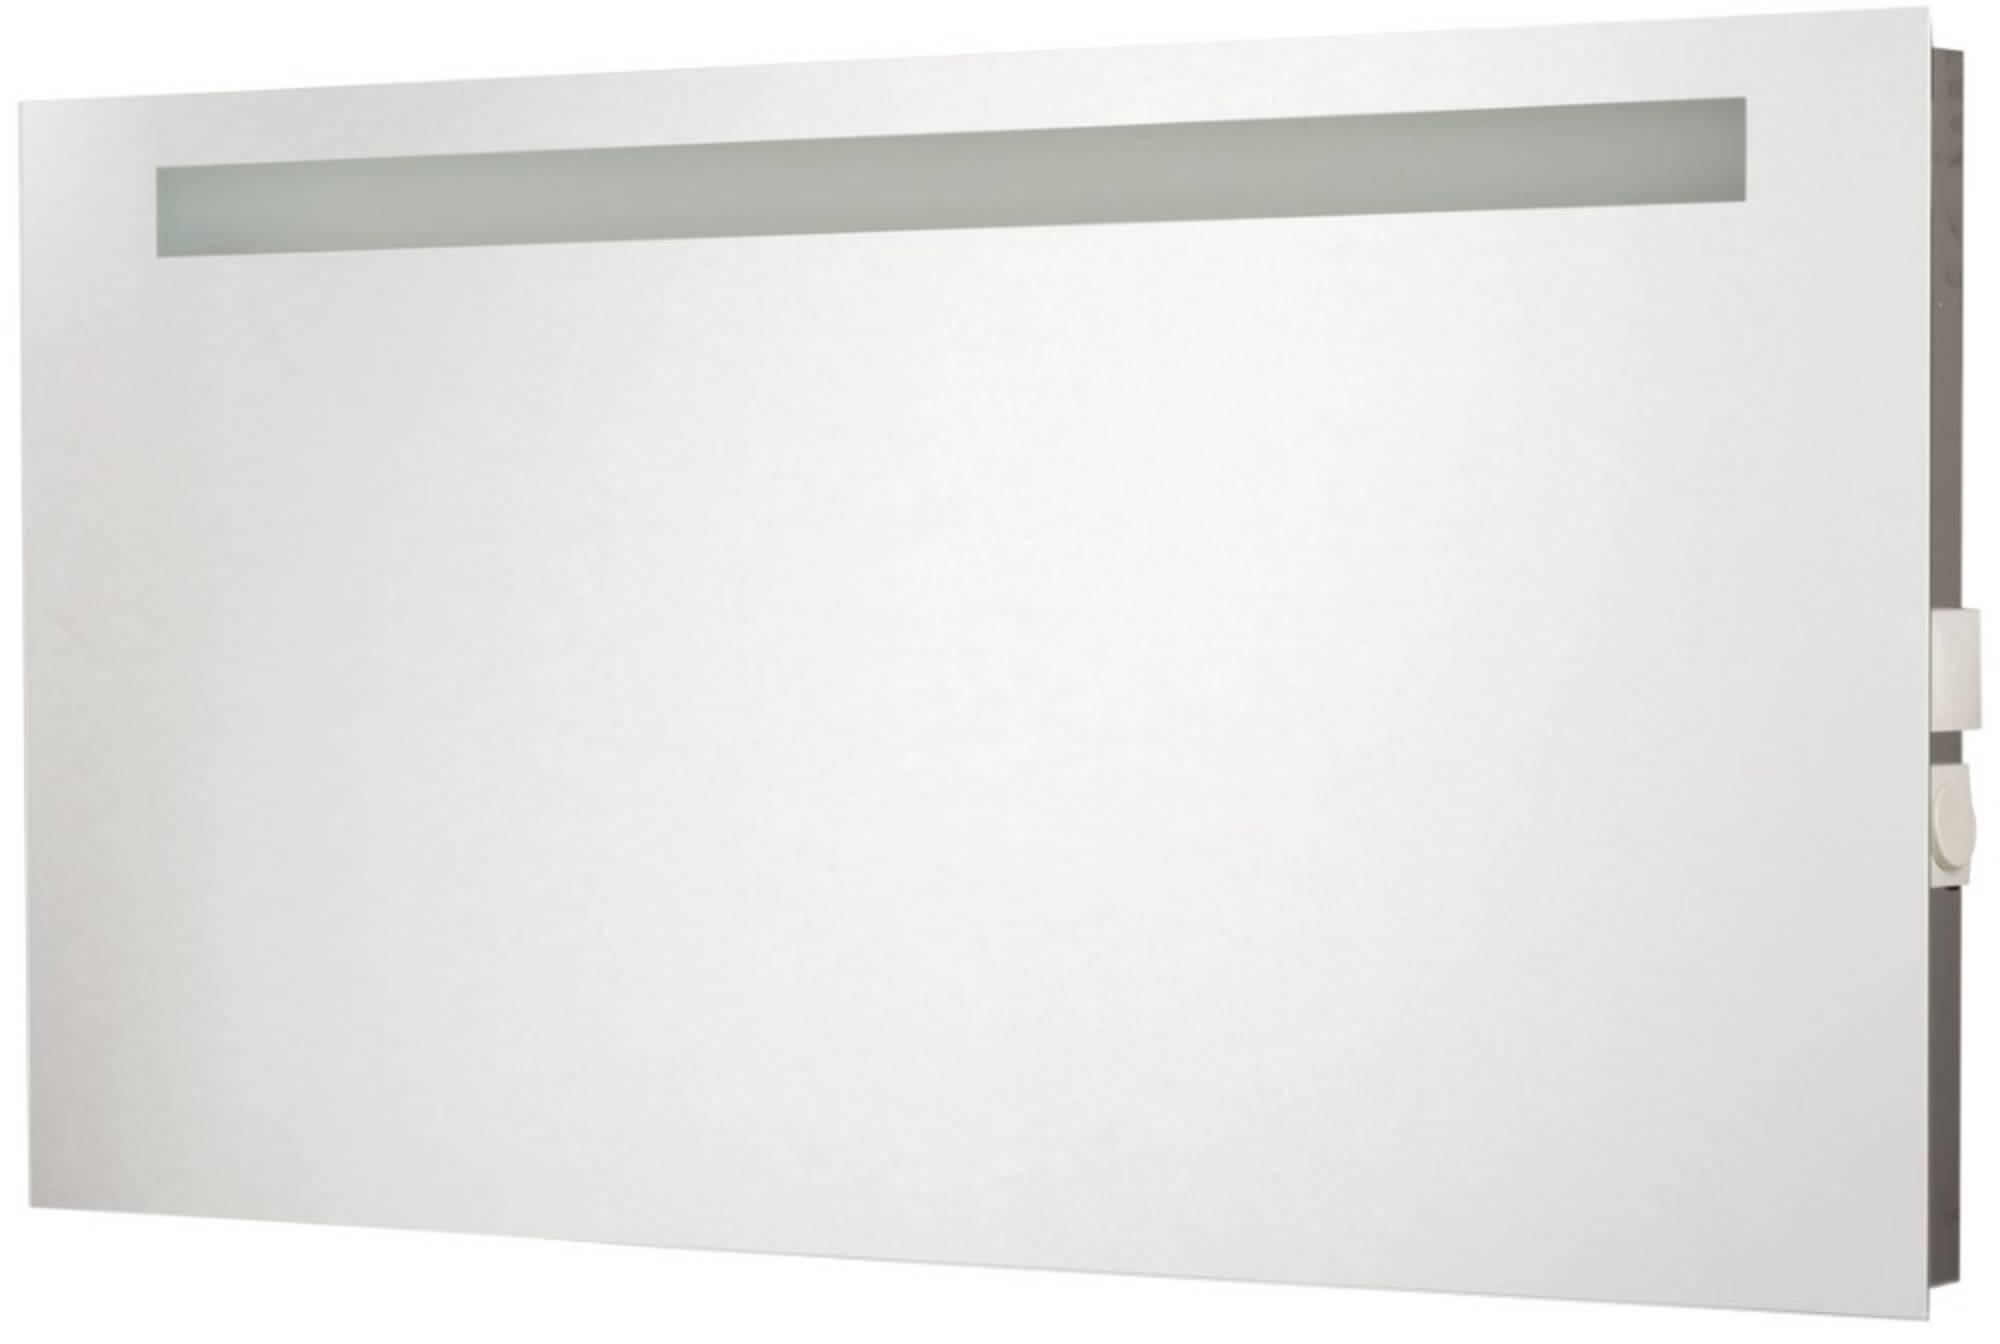 Ben Vario Stia spiegel met LED verlichting en stopcontact/schakelaar 100x65cm